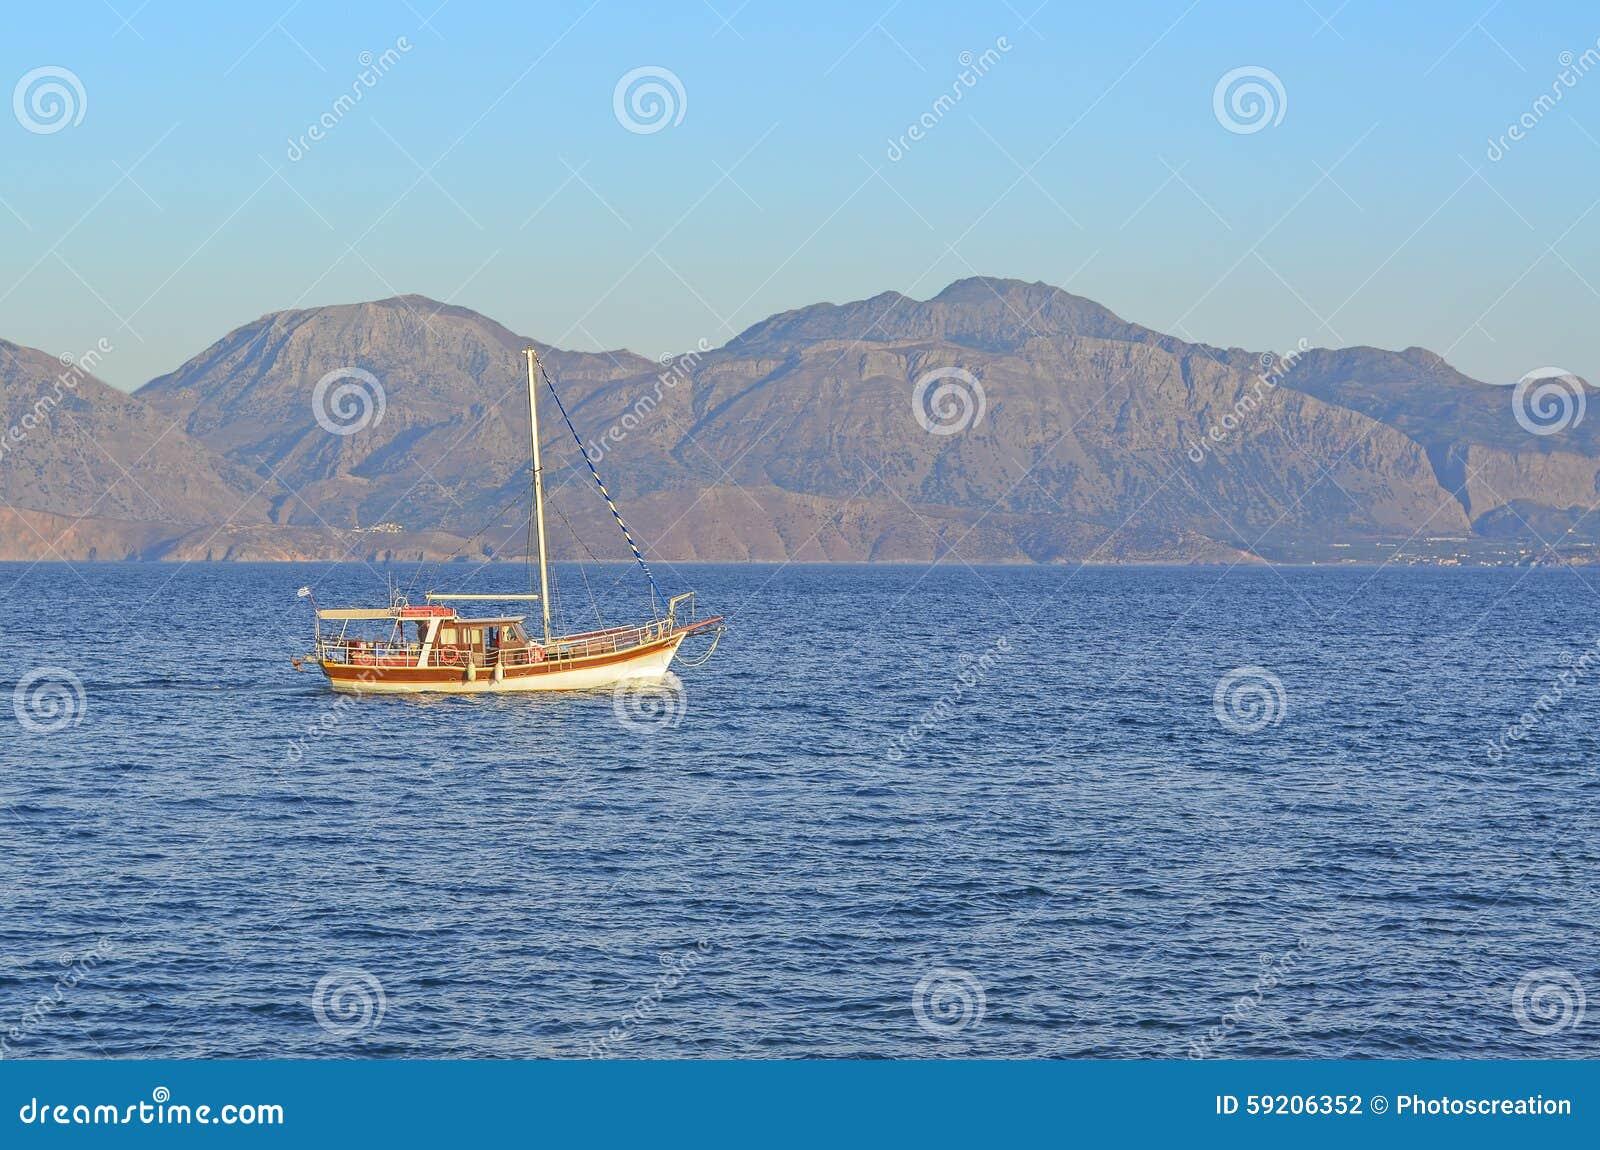 Boats In Crete Island Stock Photo - Image: 59206352